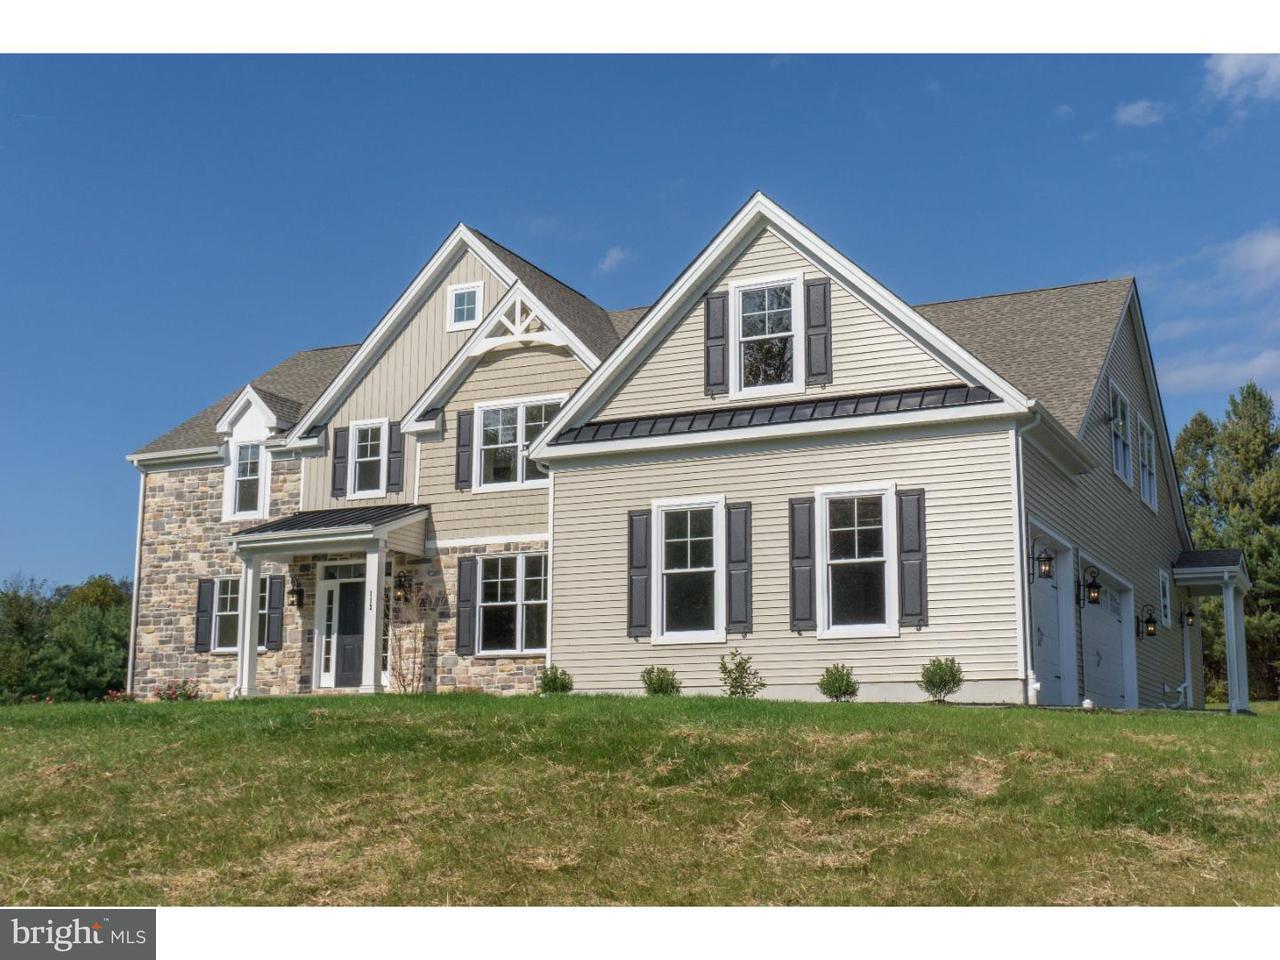 Частный односемейный дом для того Продажа на 523 WEBB Road Chadds Ford, Пенсильвания 19317 Соединенные Штаты